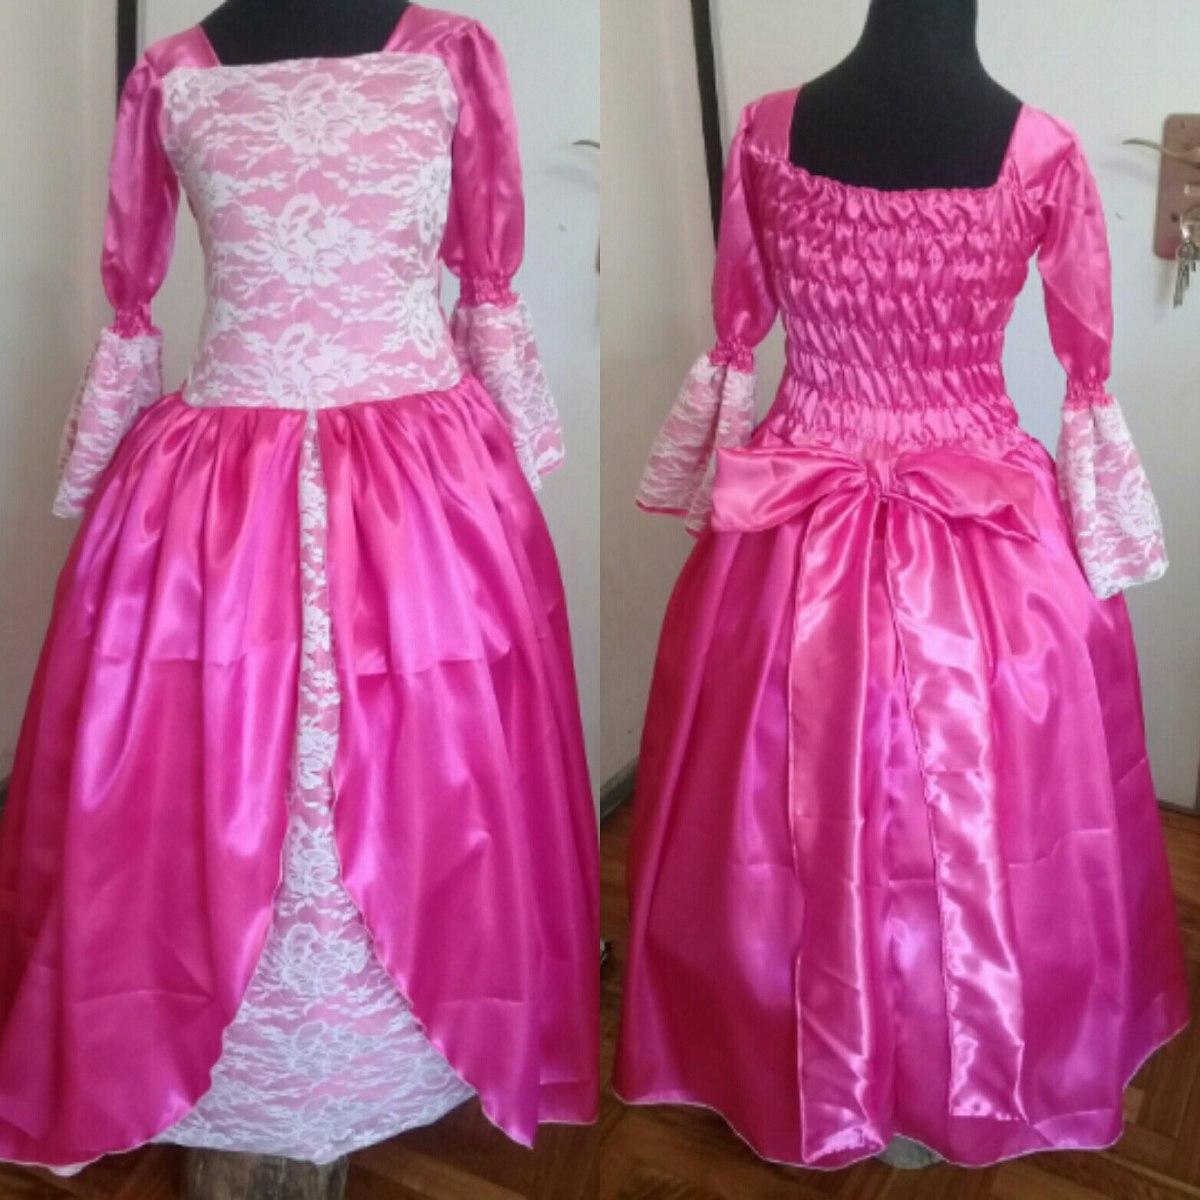 Excelente Vestidos De Dama En La Tienda Viñeta - Colección de ...